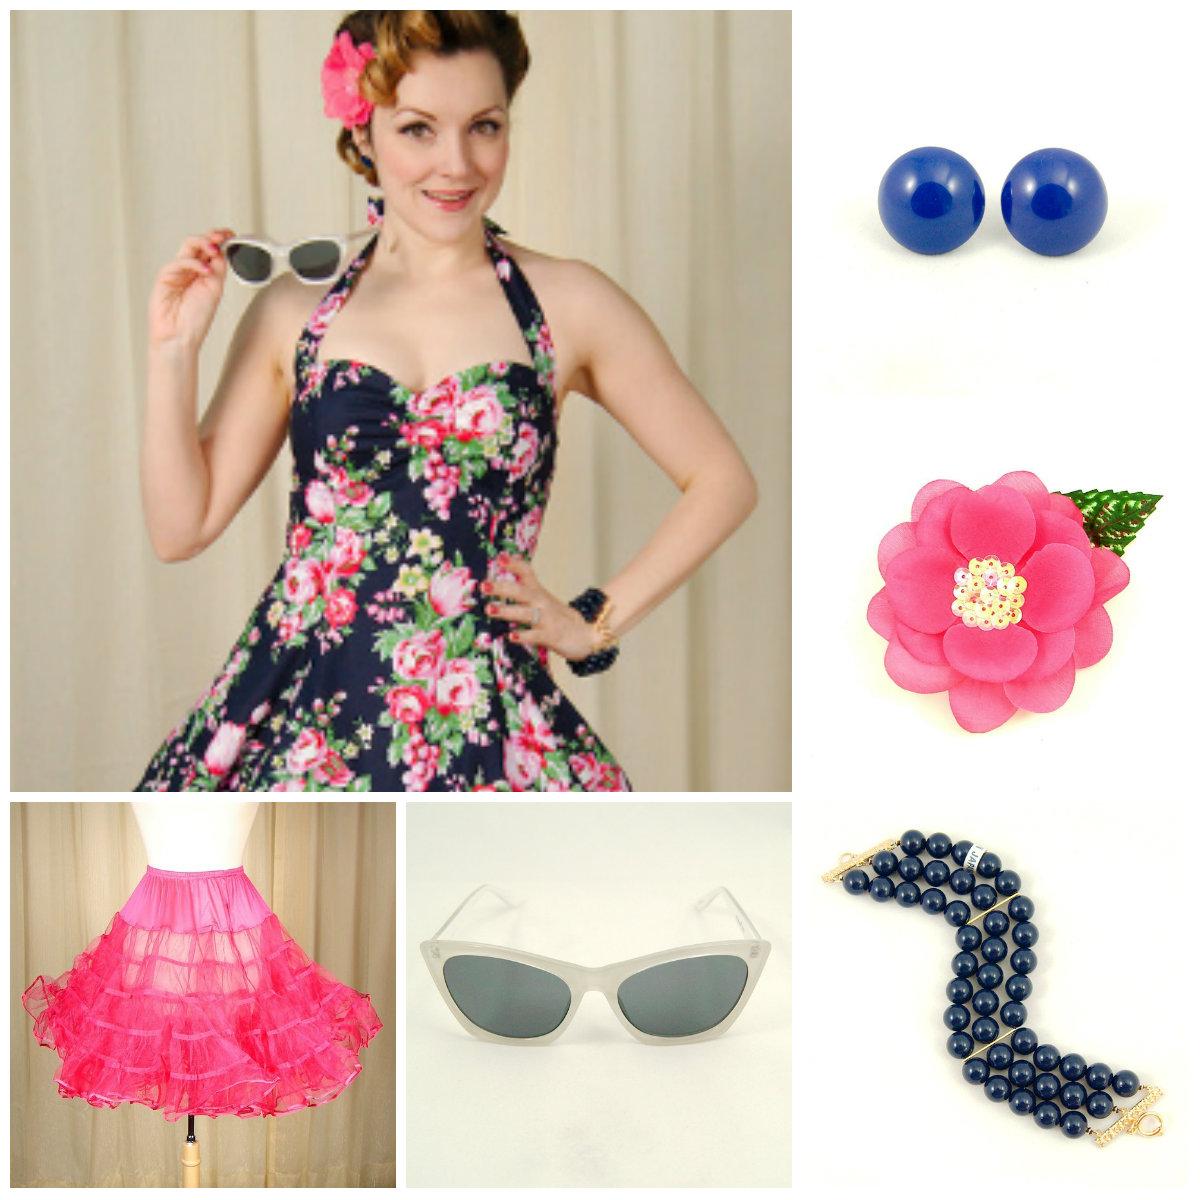 Midnight Rose Sweetie dress by Heart of Haute styled with Navy Jawbreaker Dot earrings, Hot Pink Sequin Hair Flower, Navy Triple Jet Set bracelet, White Melanie Cat sunglasses and Raspberry Crinoline.